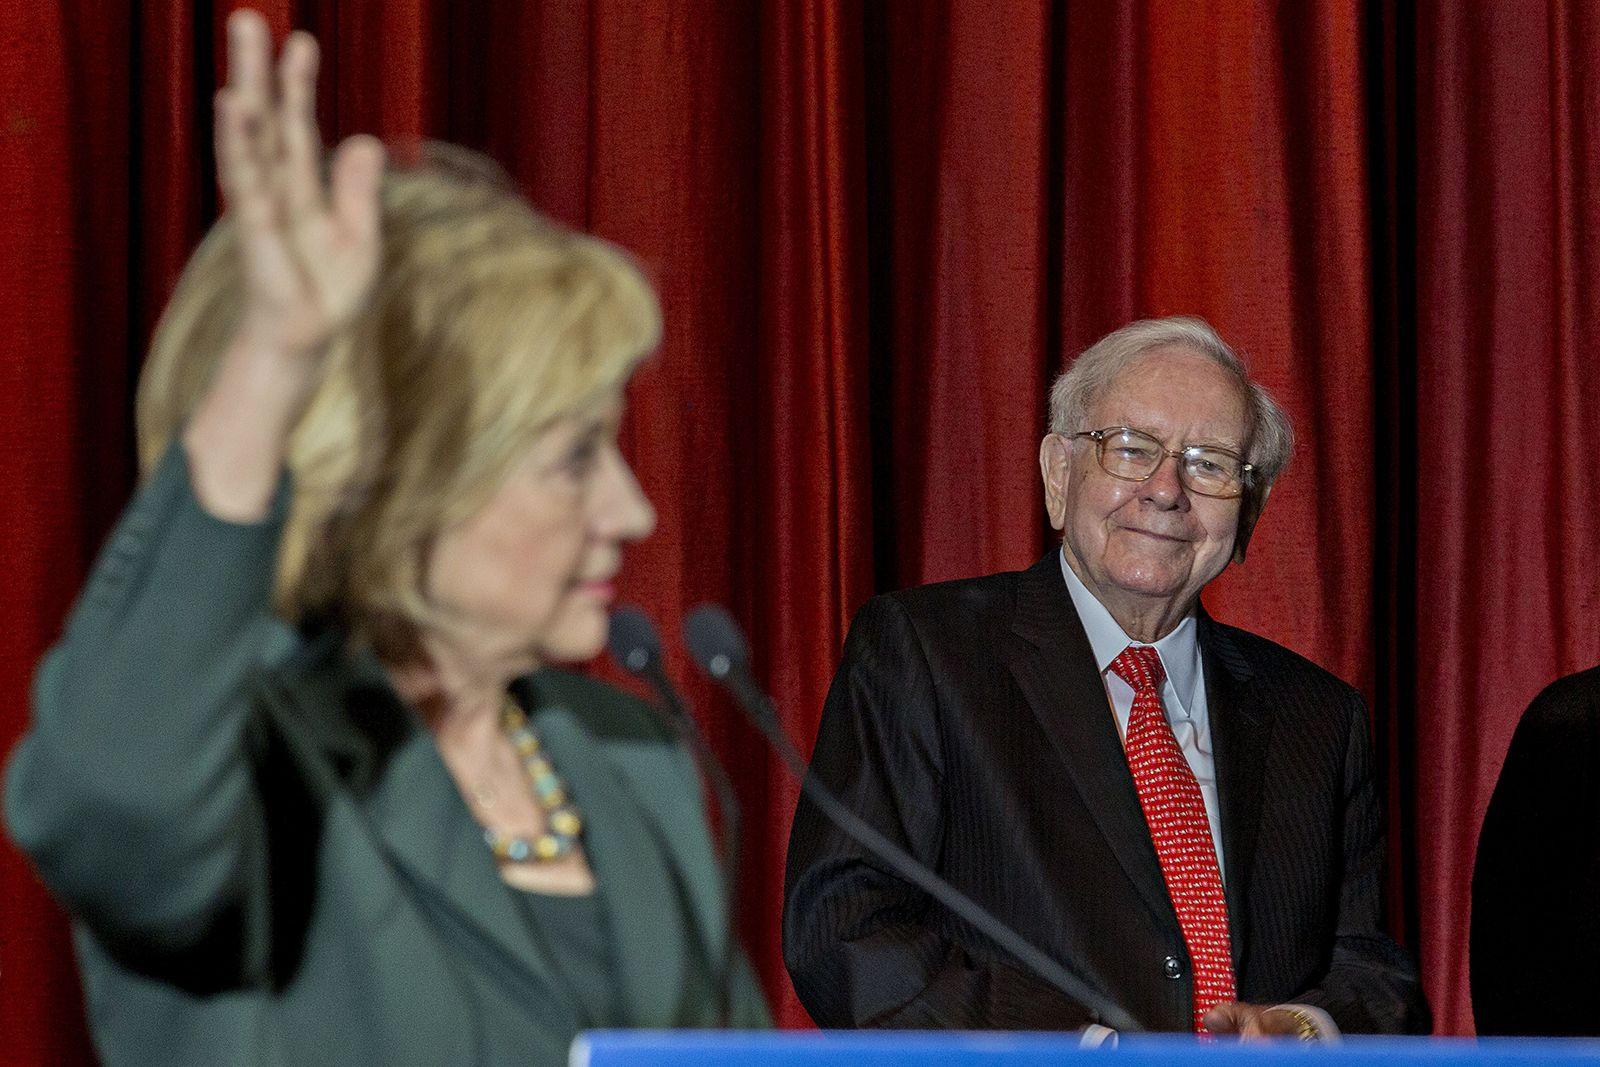 Cuộc đời và sự nghiệp của Warren Buffett qua những tấm ảnh - Ảnh 20.